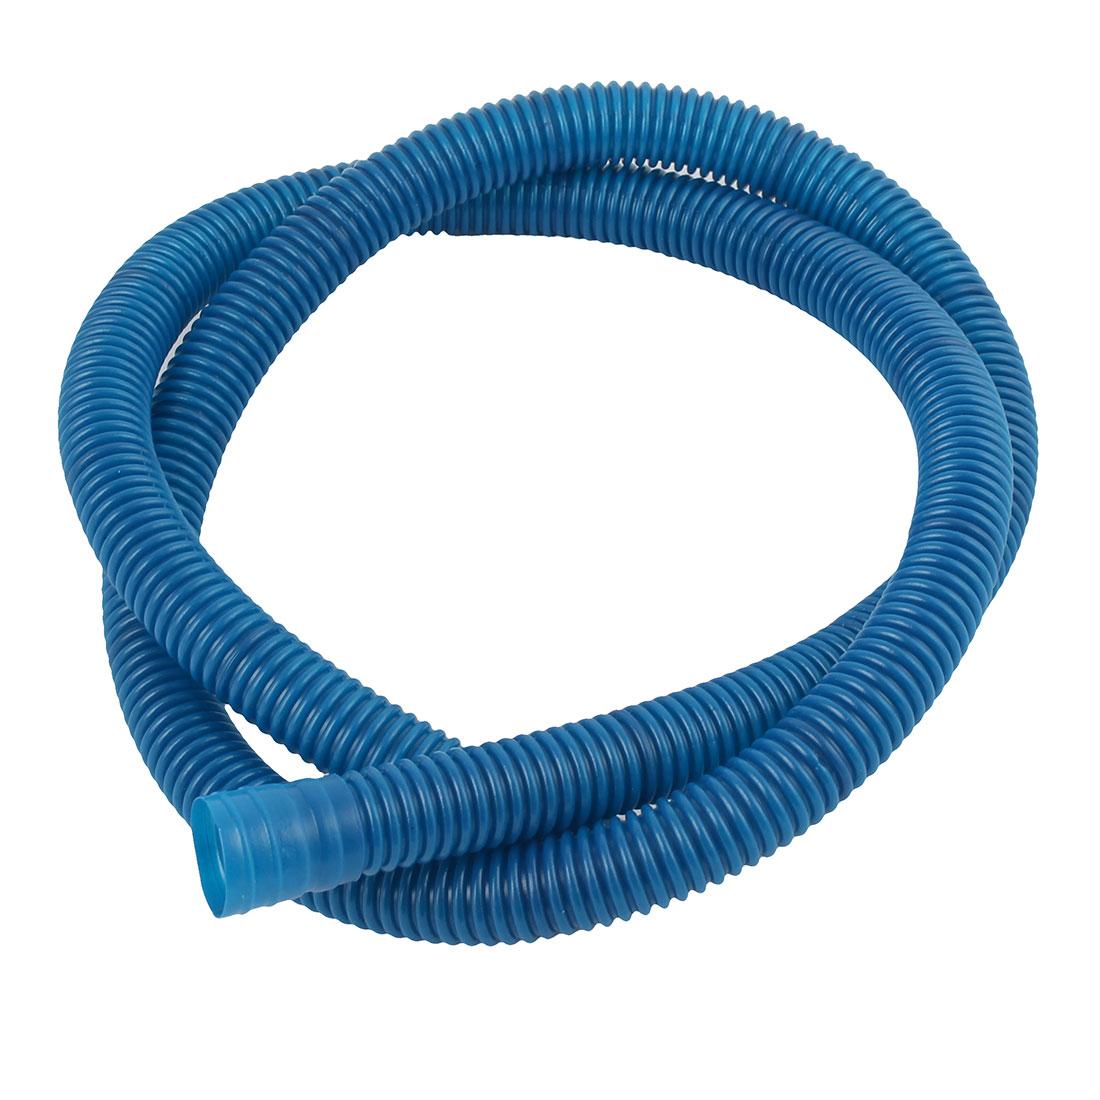 Plastic 1.12 Meters Insulation Elastic Connecting Air Conditioner Hose Tube Blue